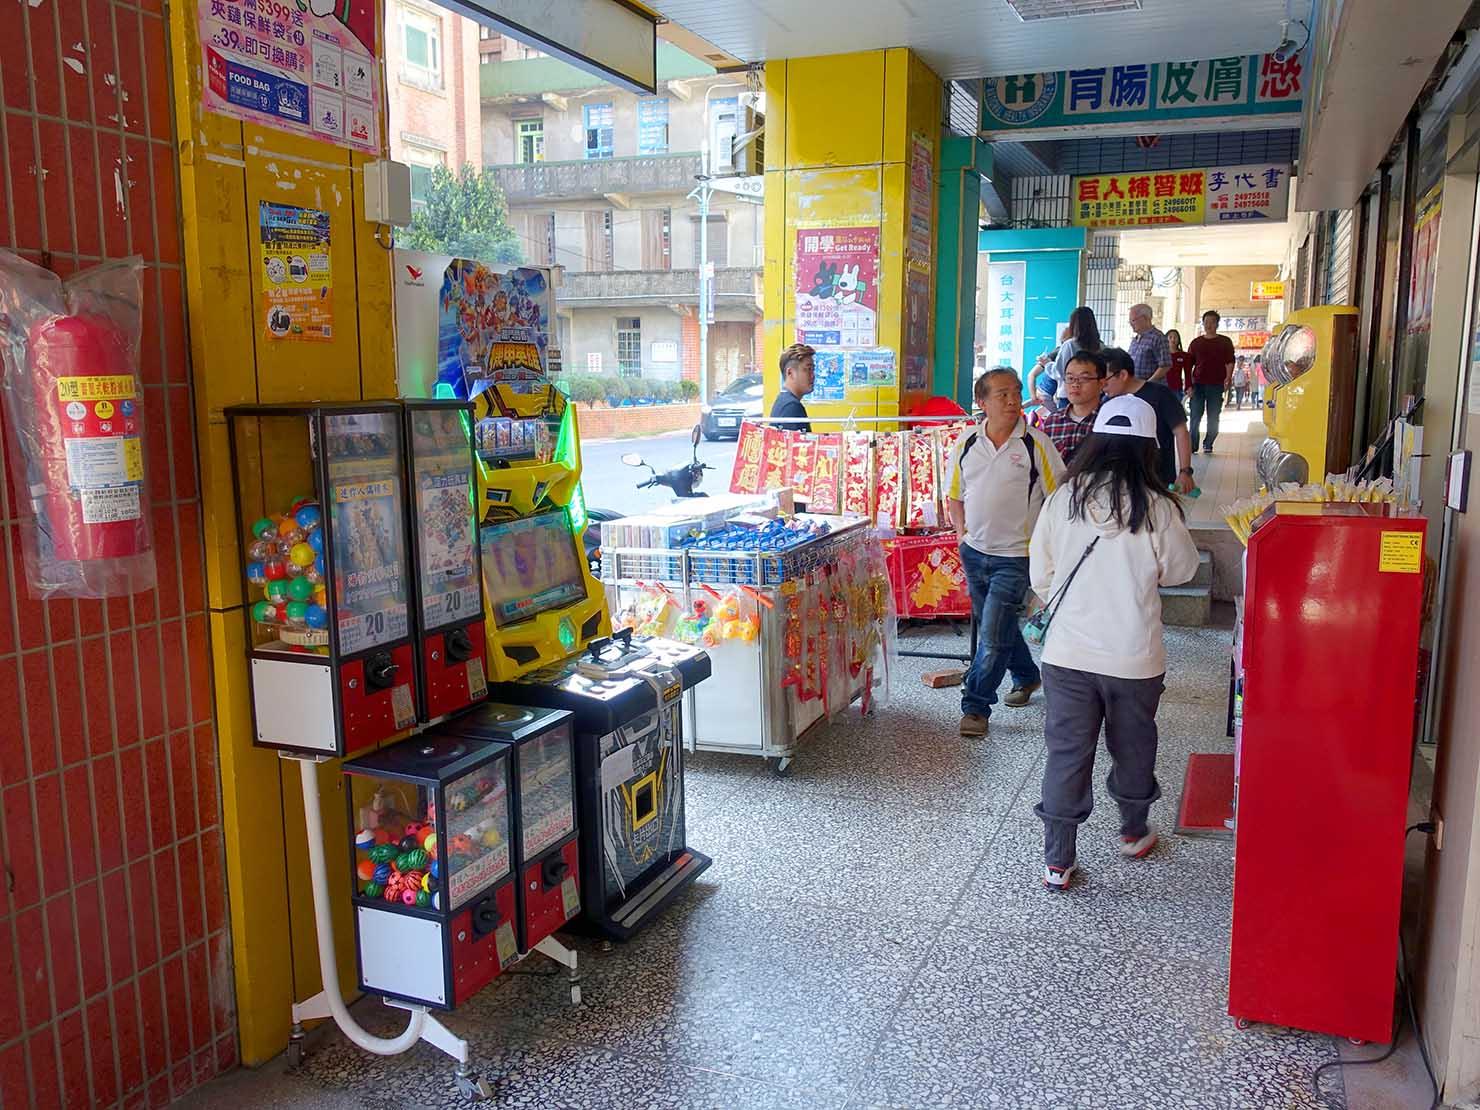 台北・瑞芳市街の騎樓